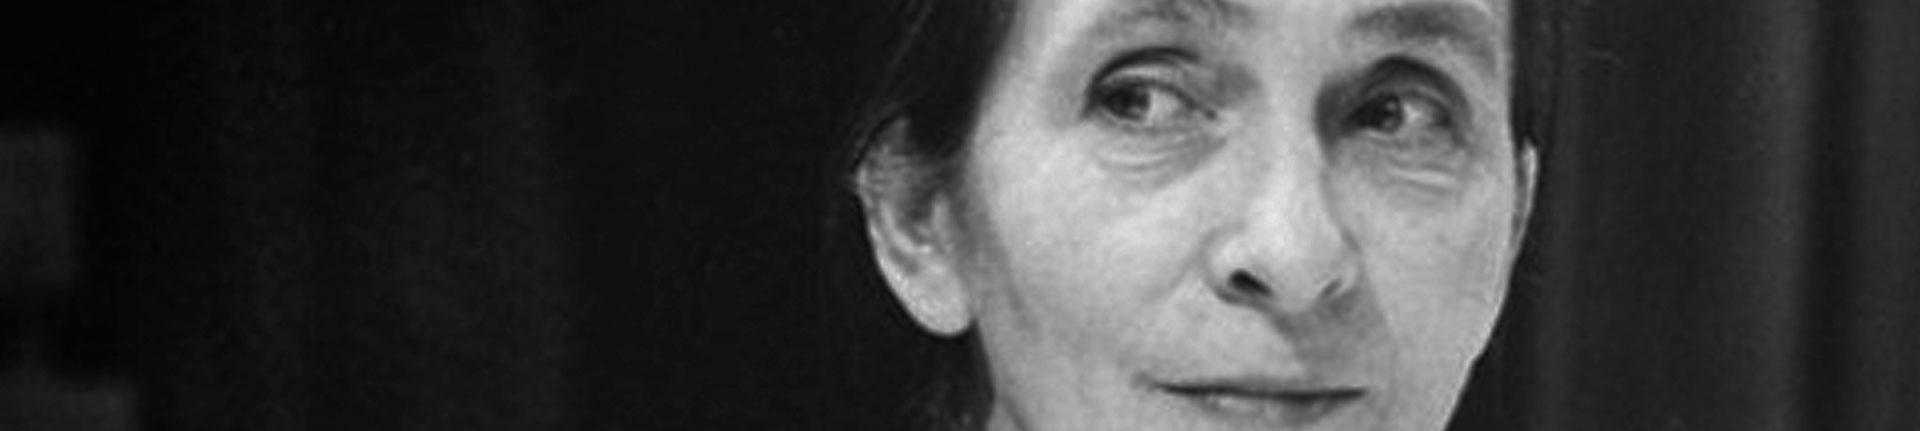 Dança, teatro e emoção: saiba mais sobre Pina Bausch